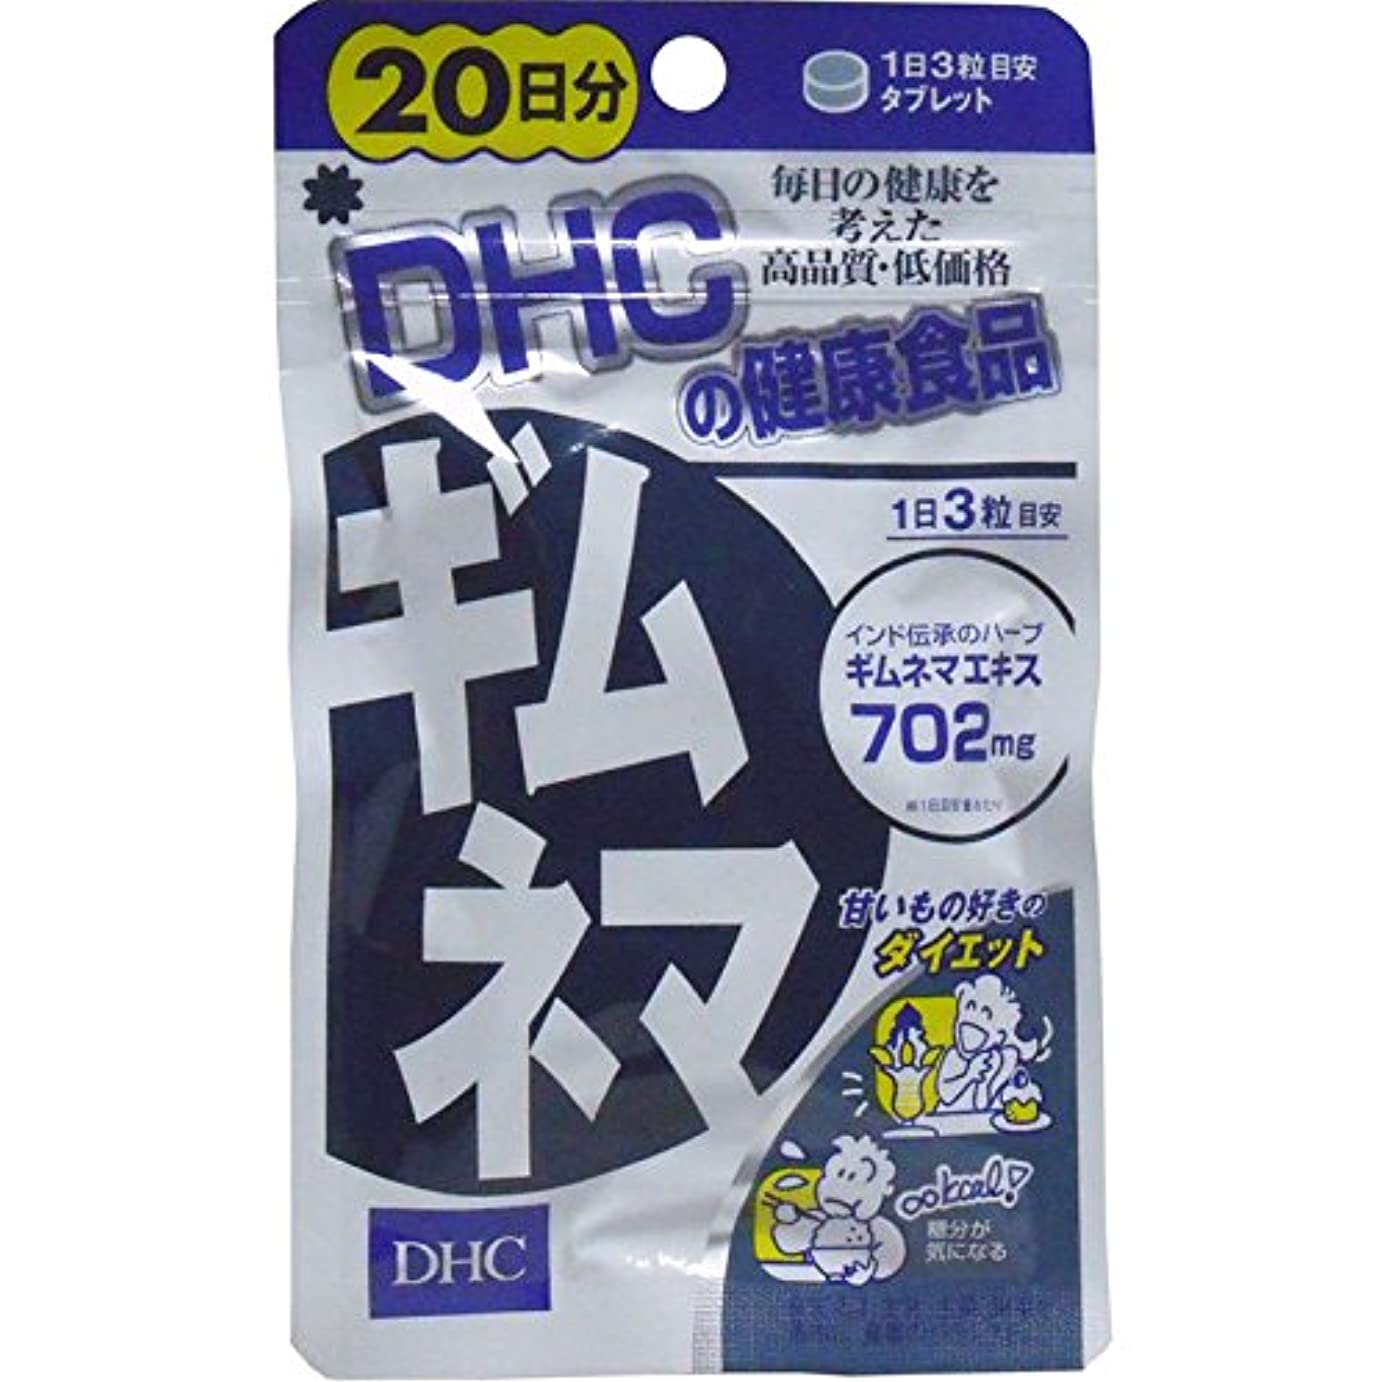 夢中ファーム試すダイエット 美容 健康 余分な糖分をブロック 便利 DHC ギムネマ 20日分 60粒【2個セット】